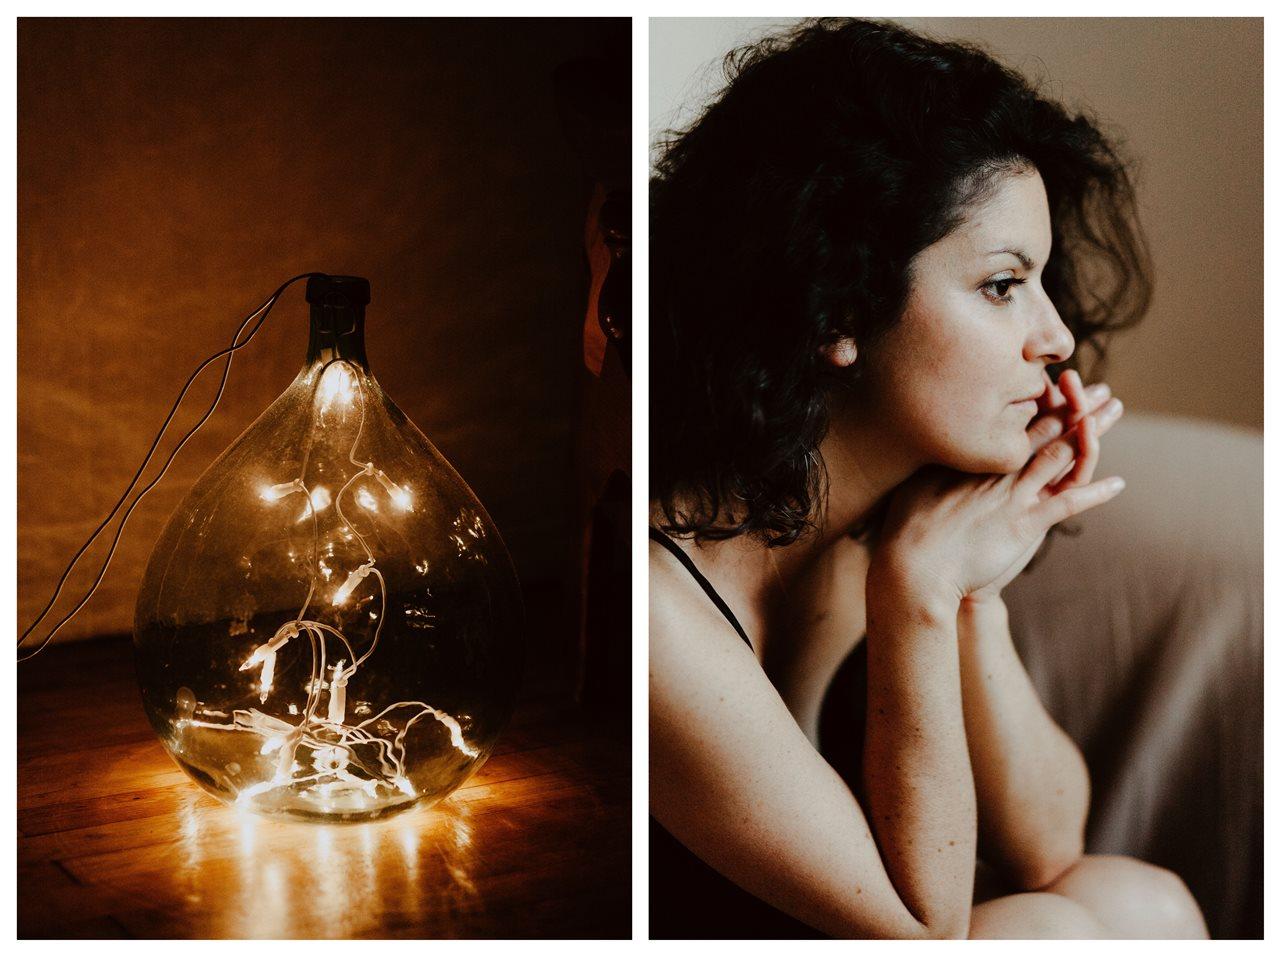 séance portrait femme intimiste cocooning visage lumière